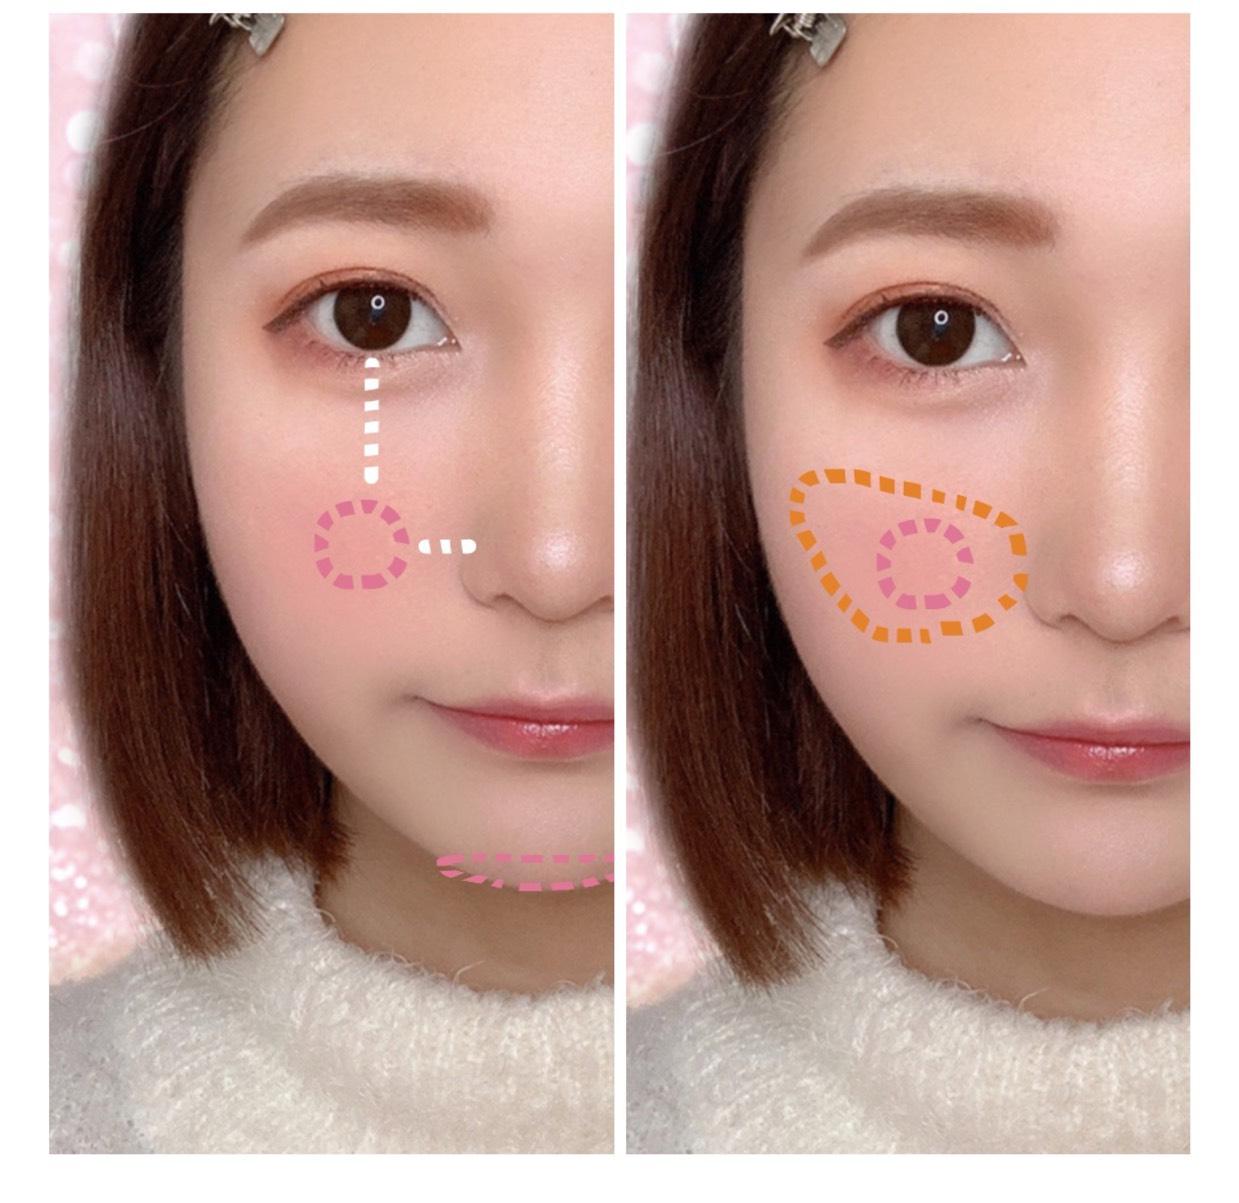 まず、黒目と小鼻の合わさる位置(?)にピンクを塗ります。 あと顎にも薄く塗ります。 そしたら、オレンジでぼかすように広く斜め上に向かって塗ります。